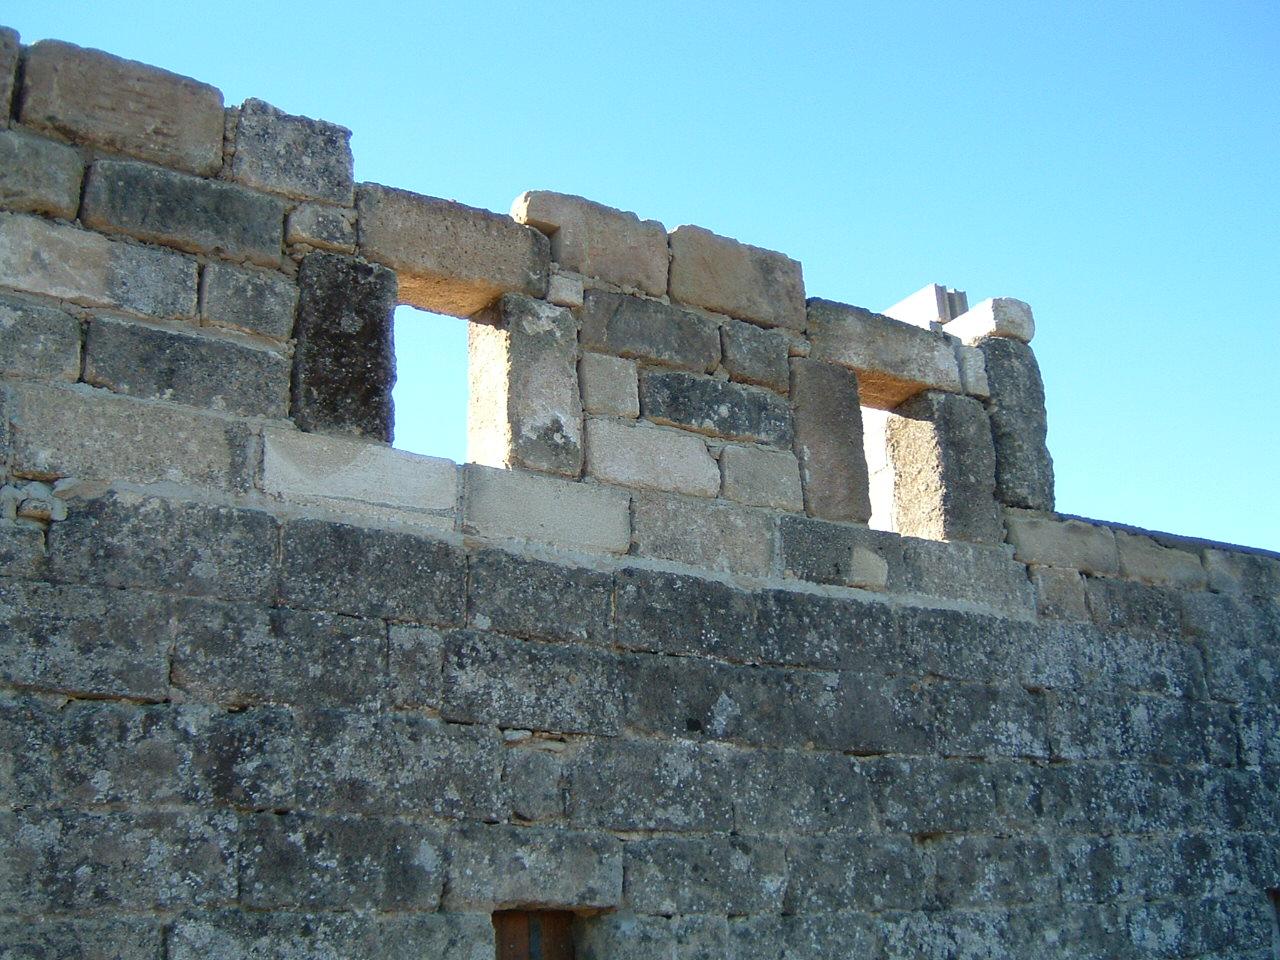 Maconnerie renovation uzes maison toiture gard 30 for Construction piscine uzes